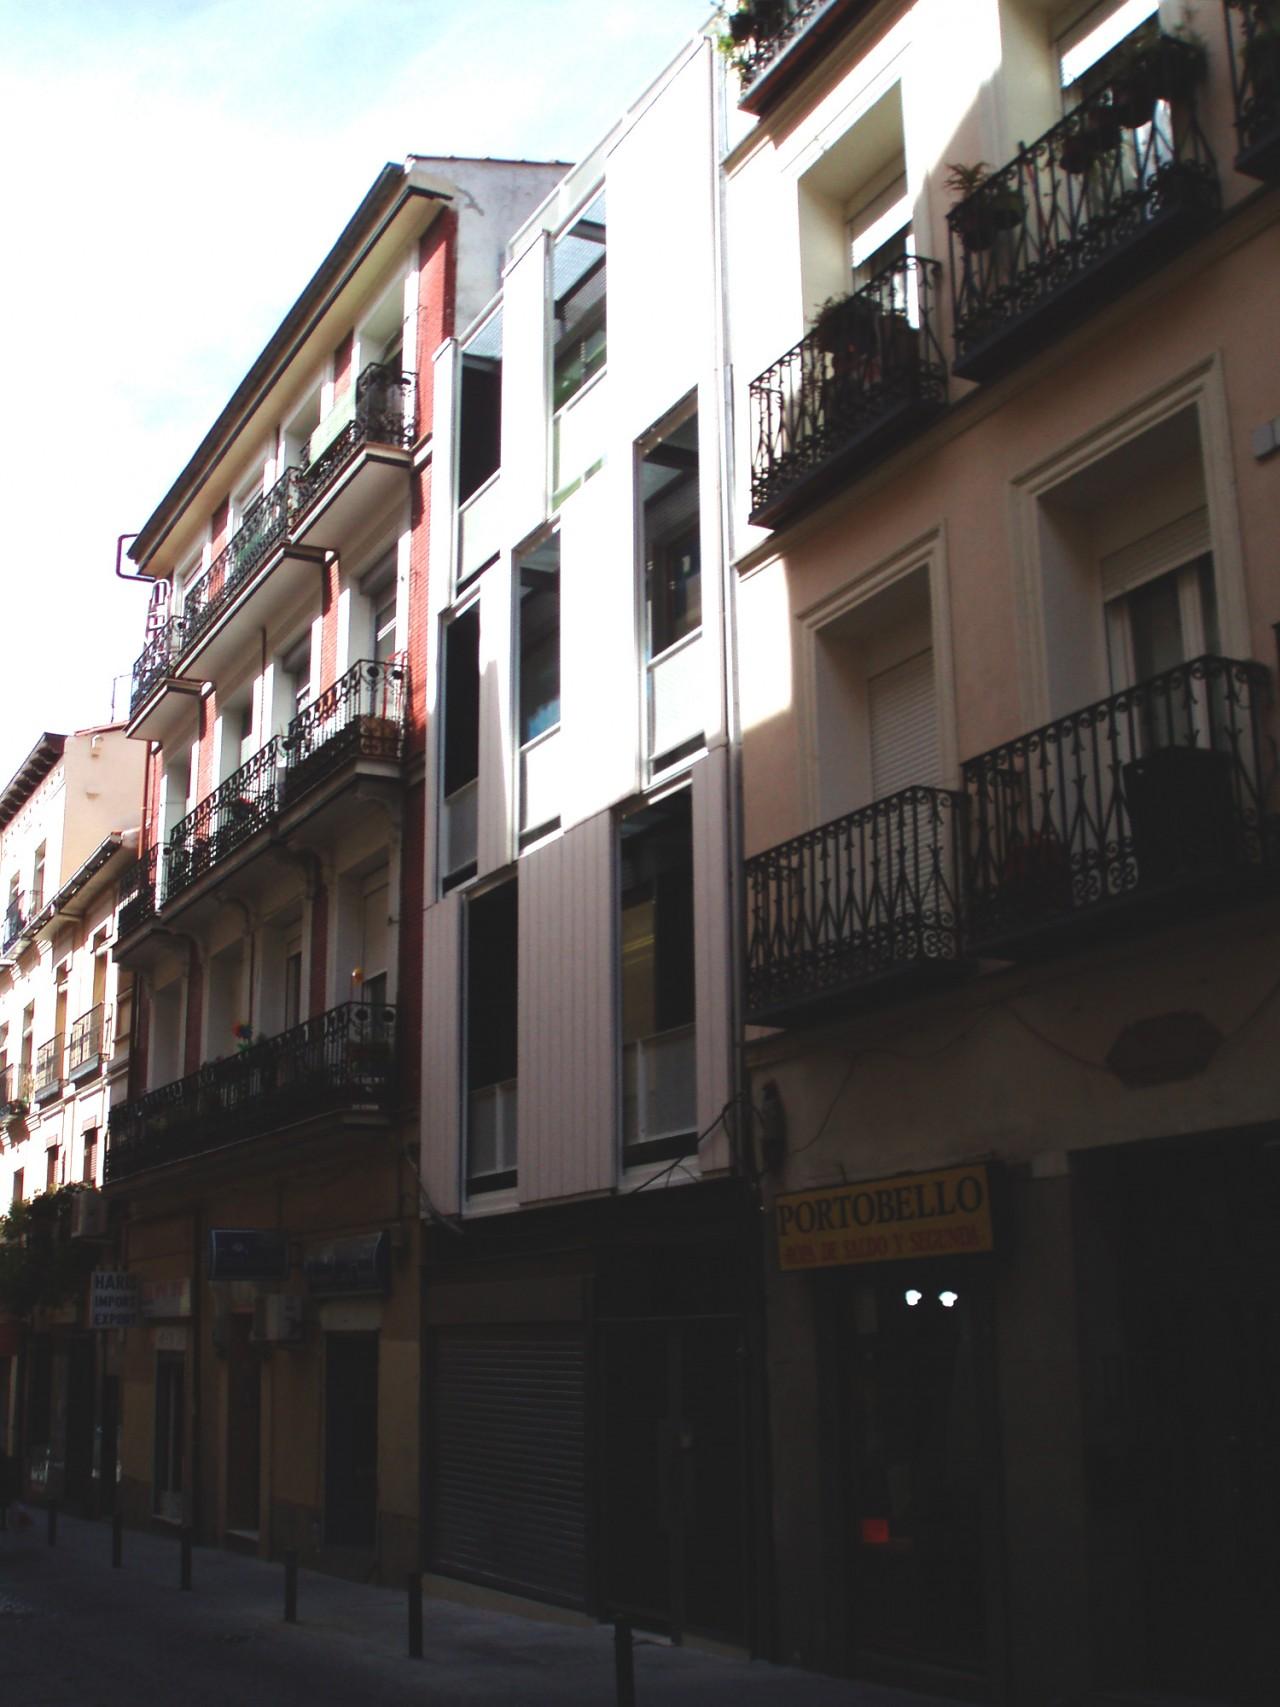 MARIA G. DE LAMO EDIFICIO DE VIVIENDAS EN LA CALLE SOMBRERETE, MADRID